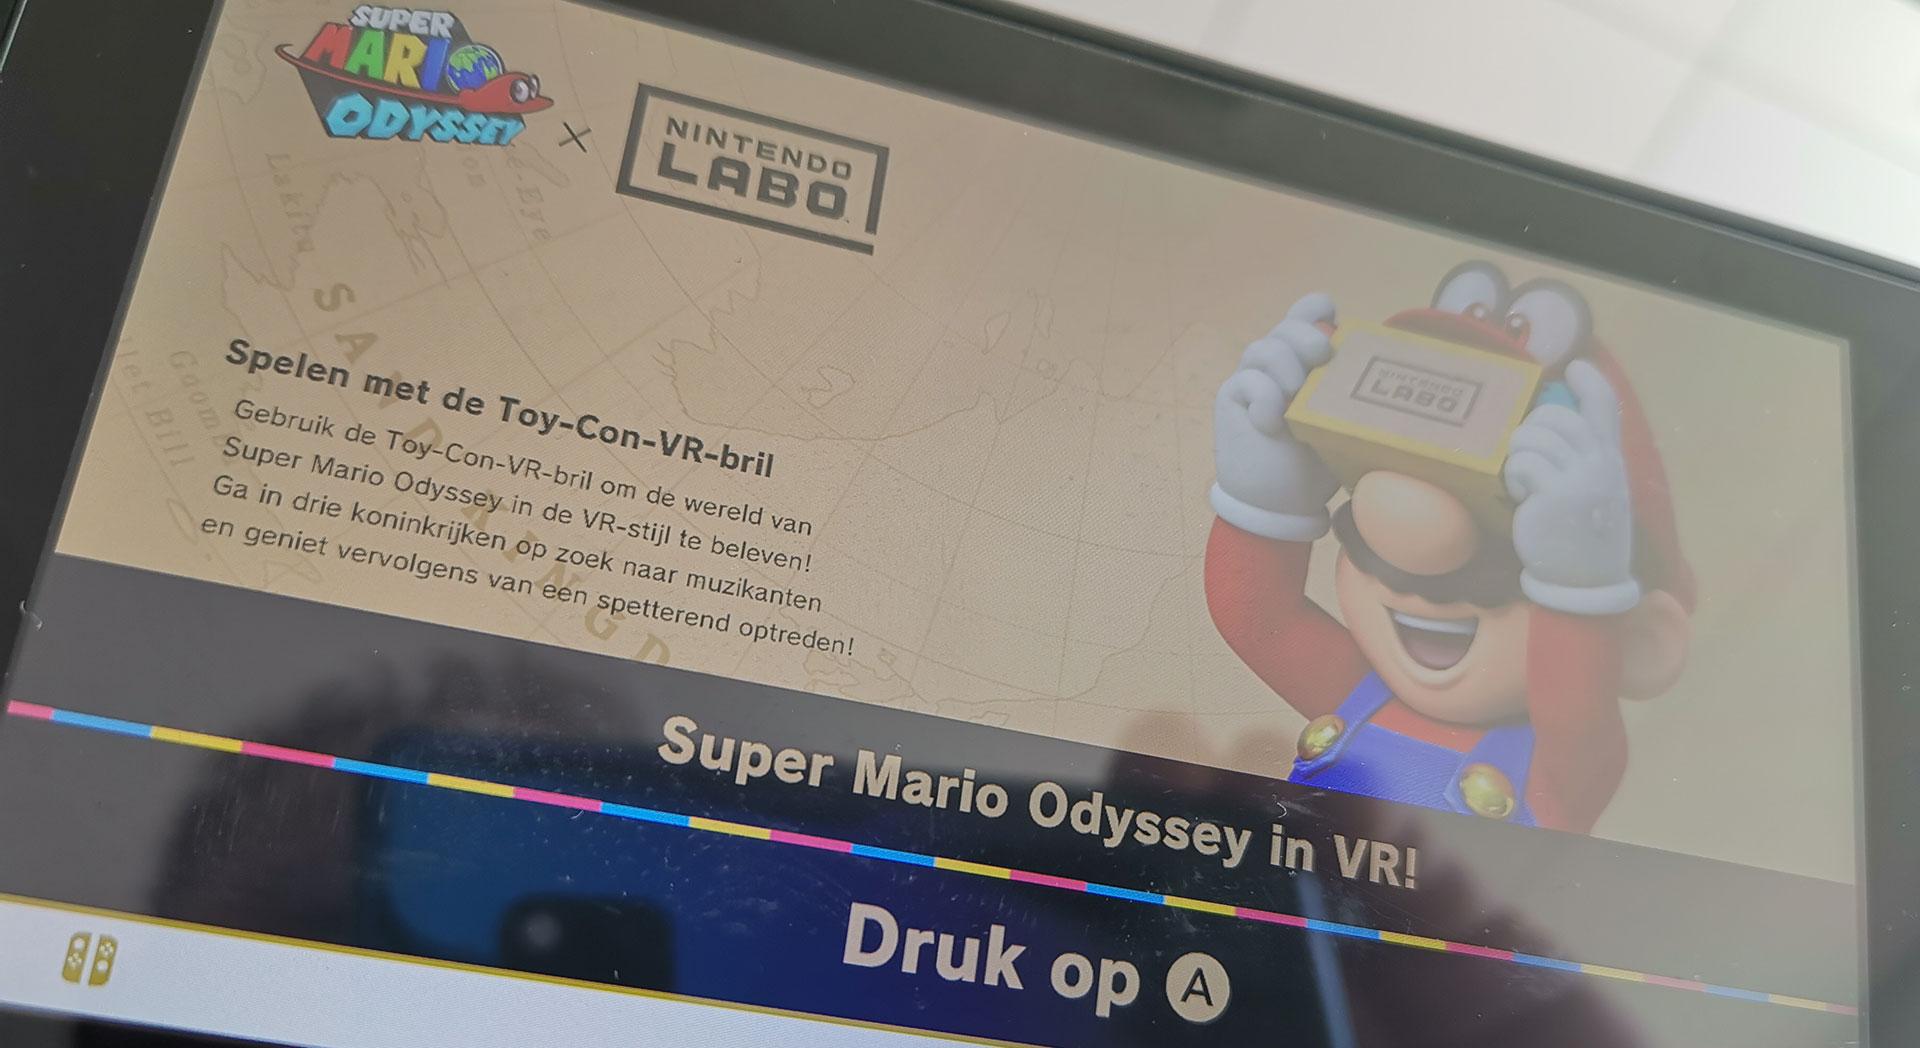 Super Mario Odyssey VR melding op de Switch